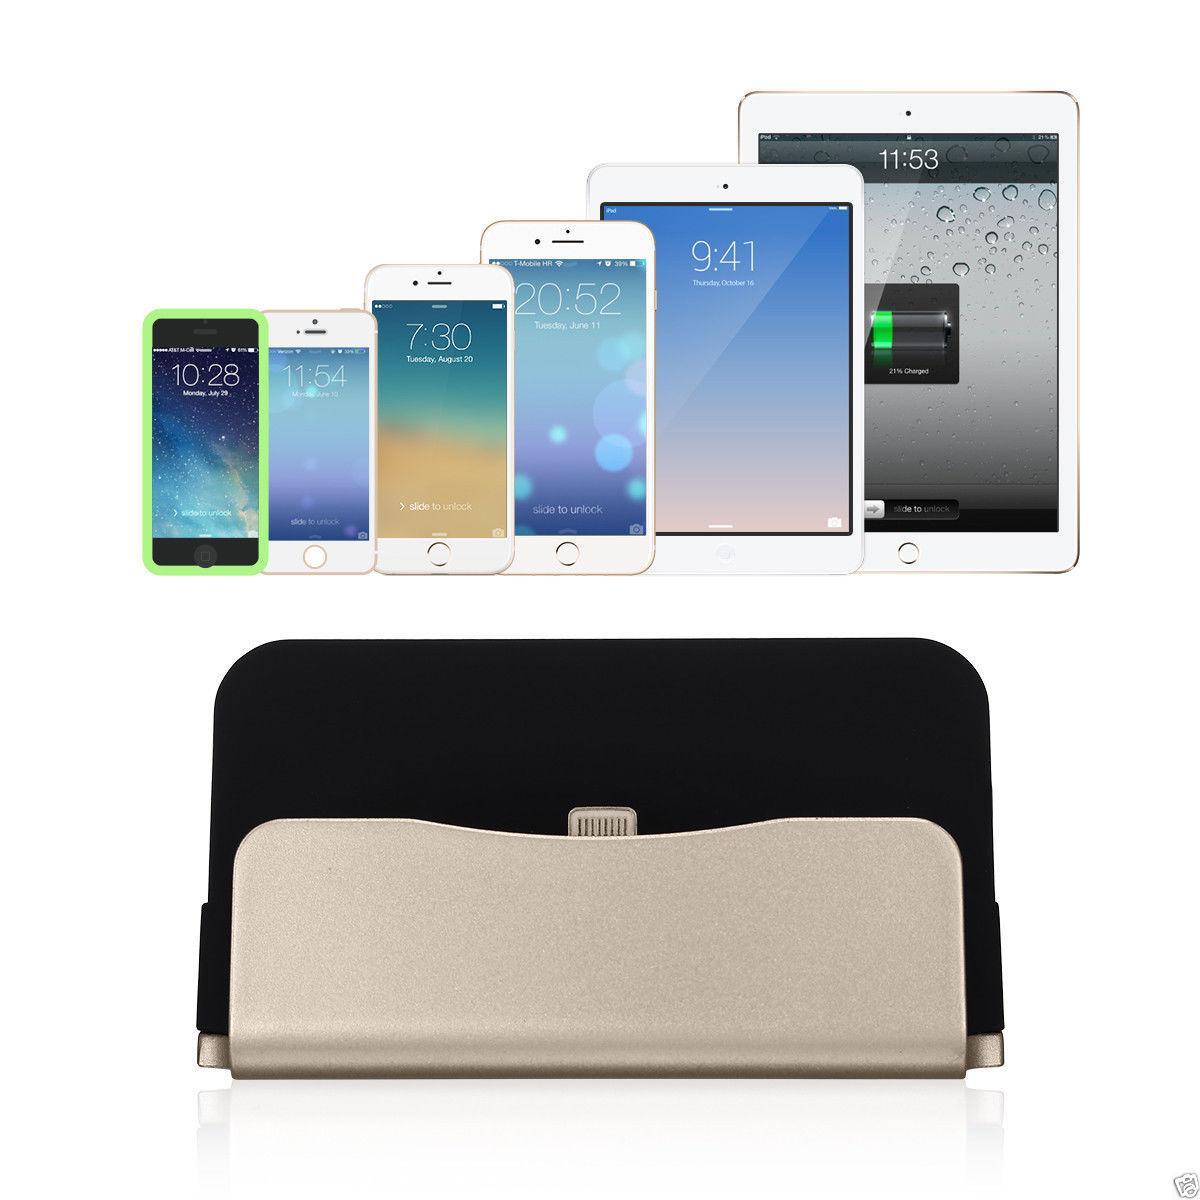 desktop charger stand docking station sync dock cradle for. Black Bedroom Furniture Sets. Home Design Ideas